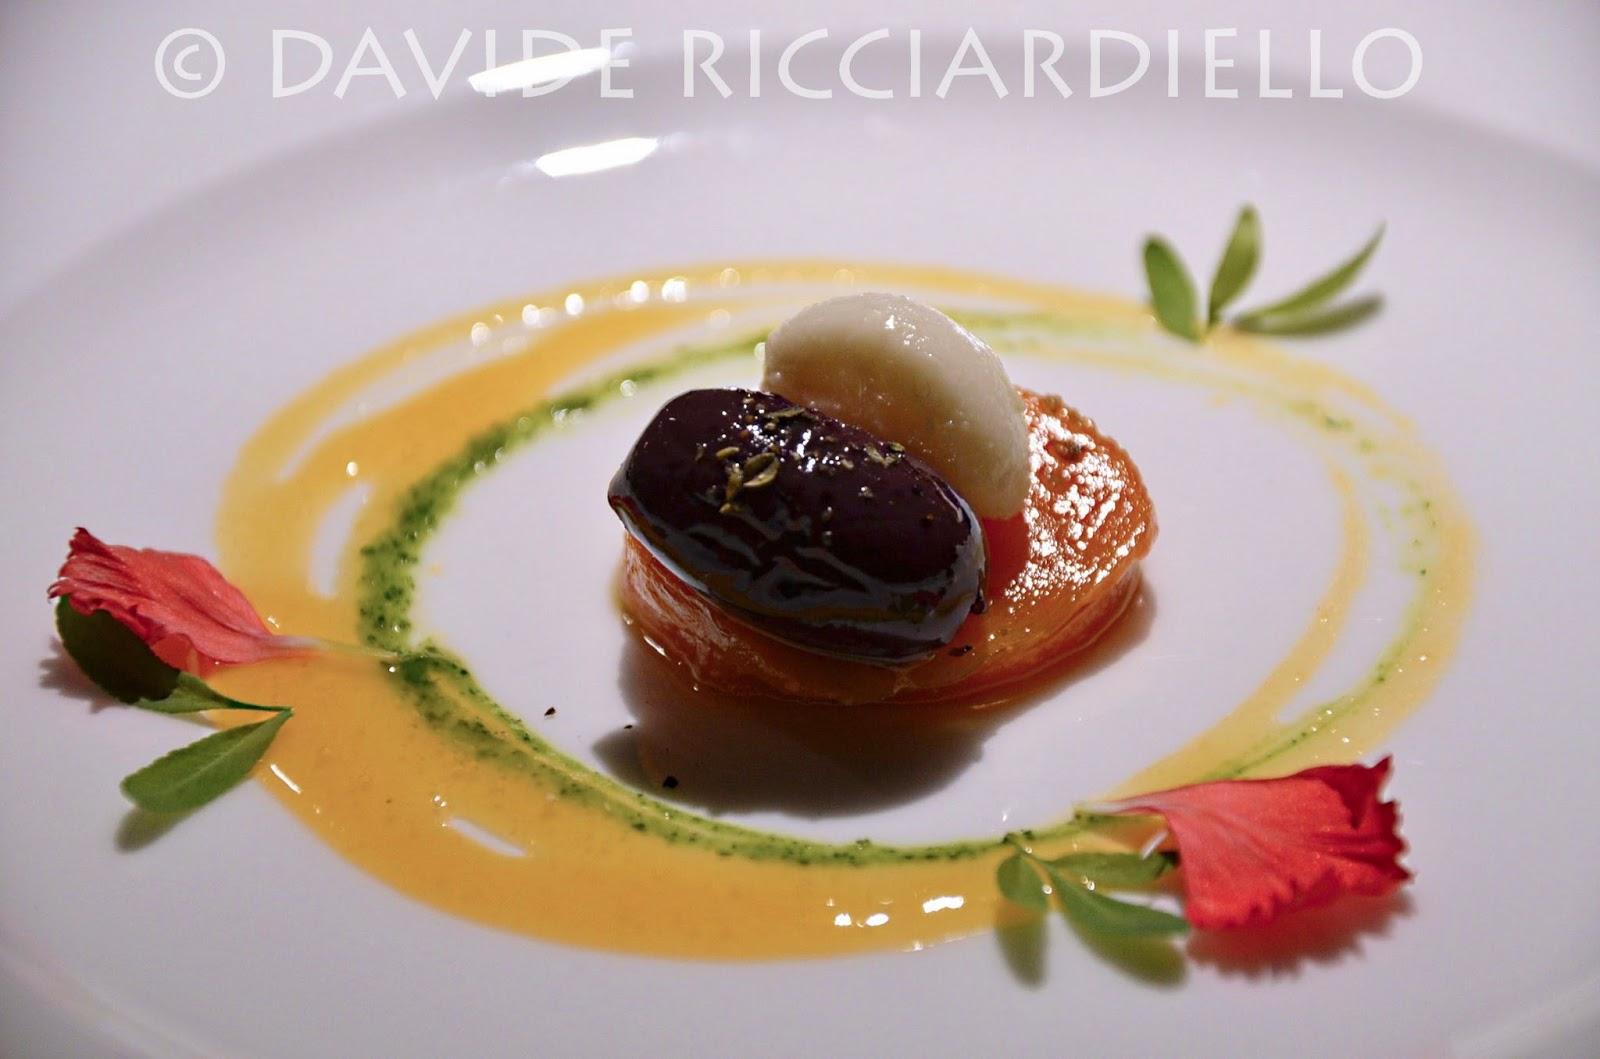 Disegno la cucina di eduardo : La cucina di Mimmo Alba | Davide Ricciardiello